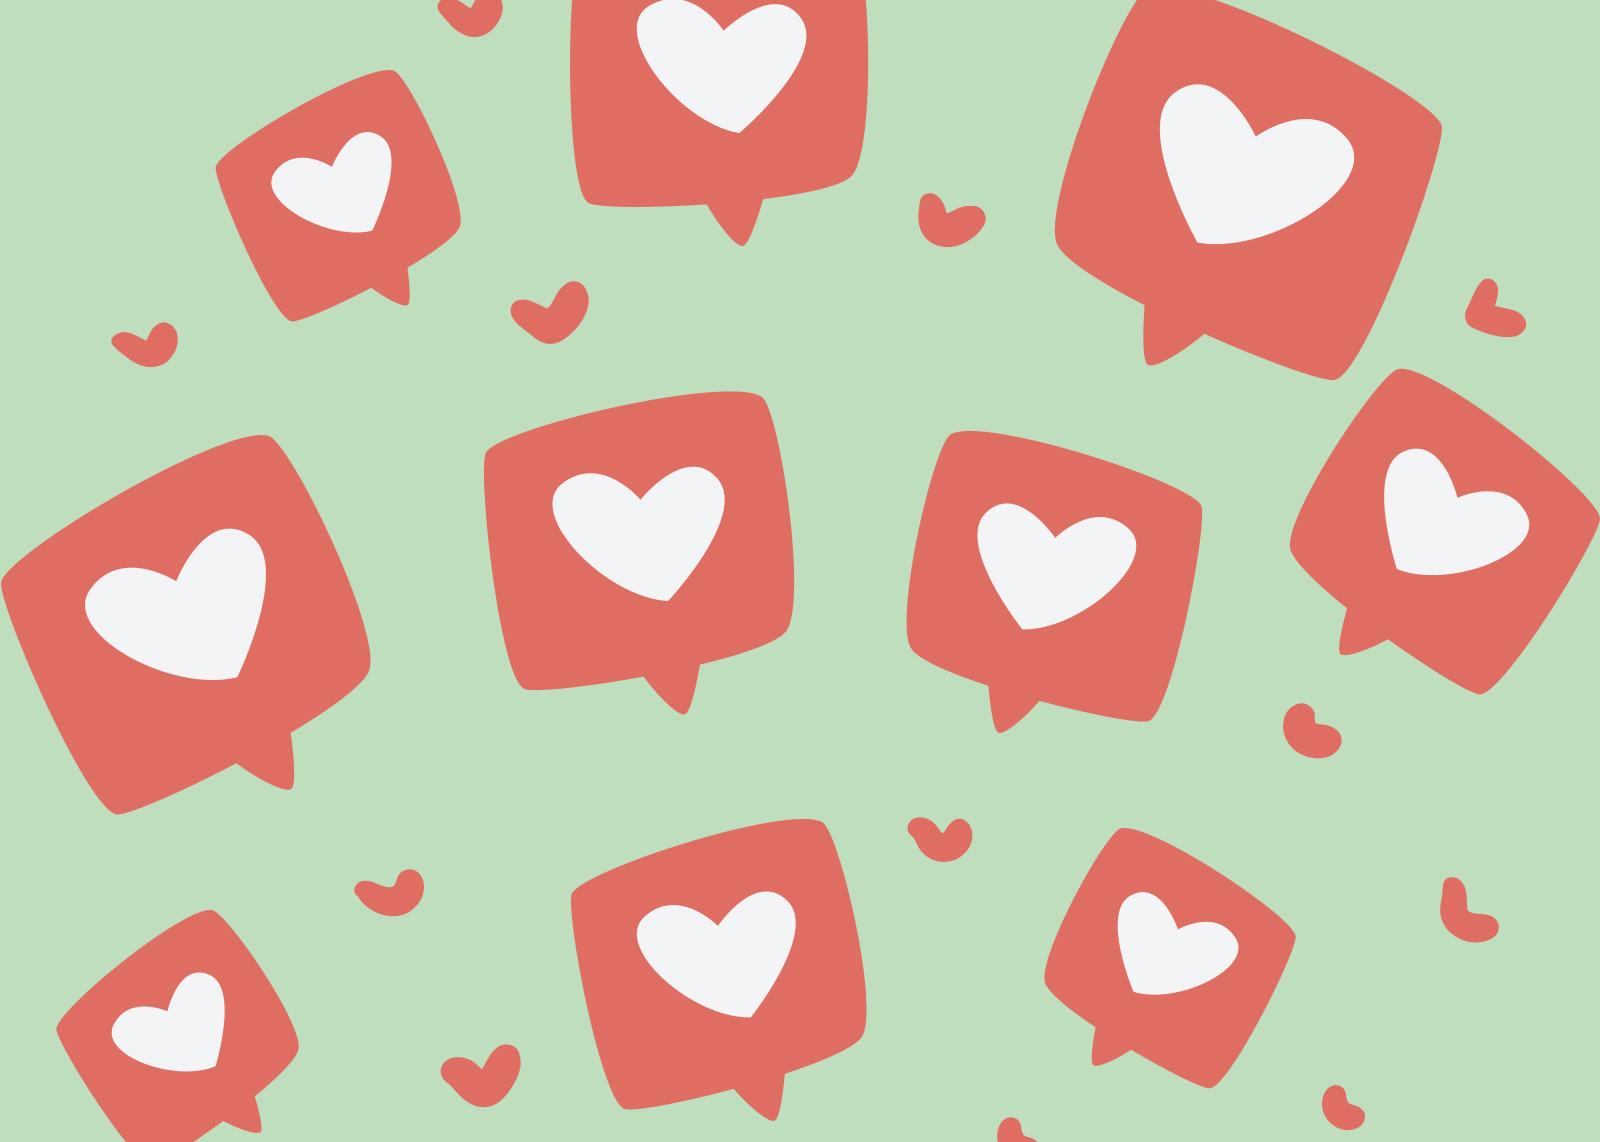 Coups de cœur e-commerce : créer un lien émotionnel avec vos clients